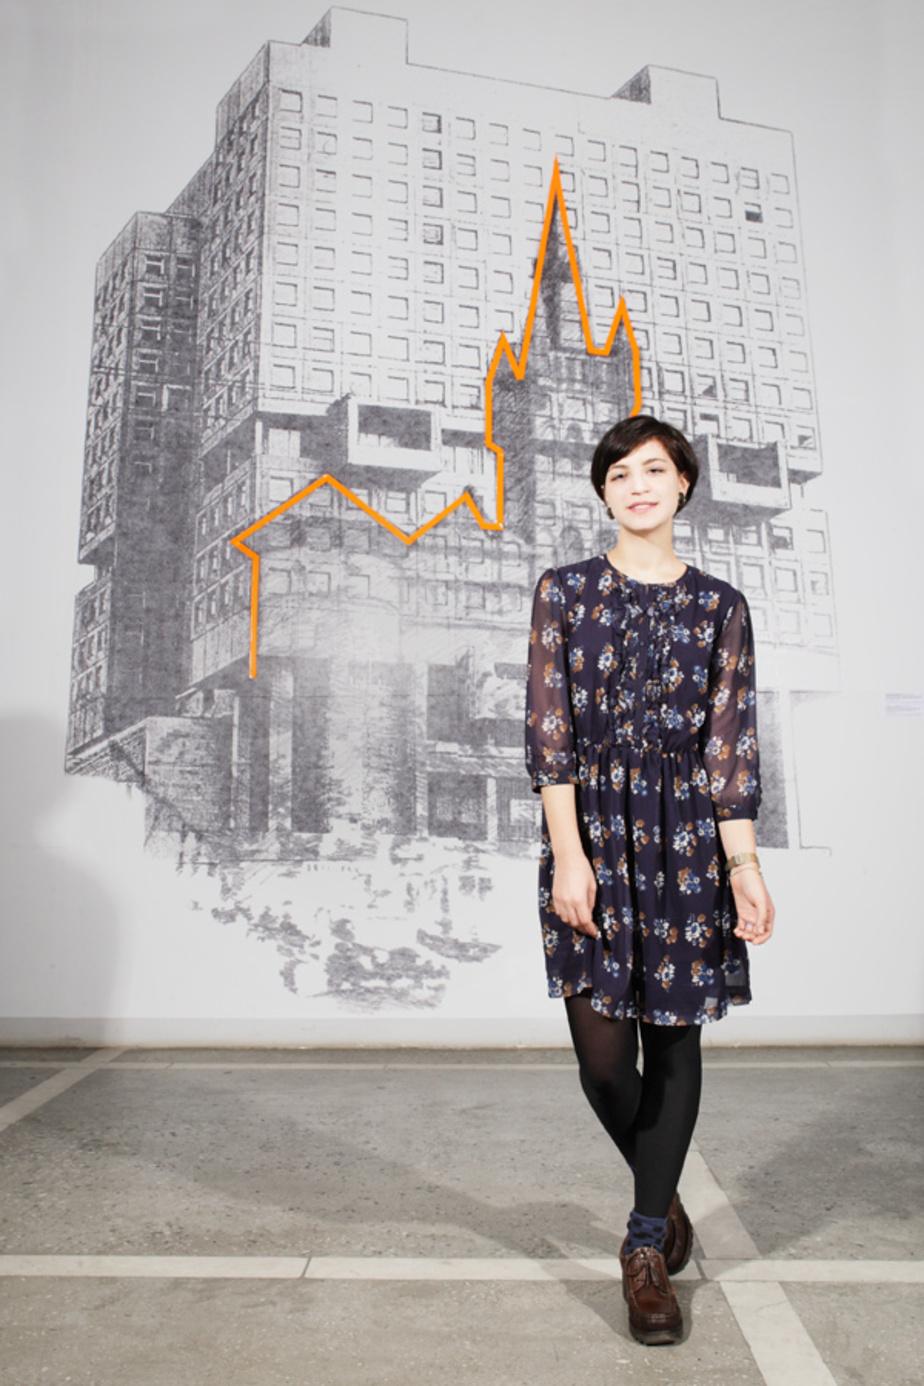 Мария Незнанова, иллюстратор - Новости Калининграда